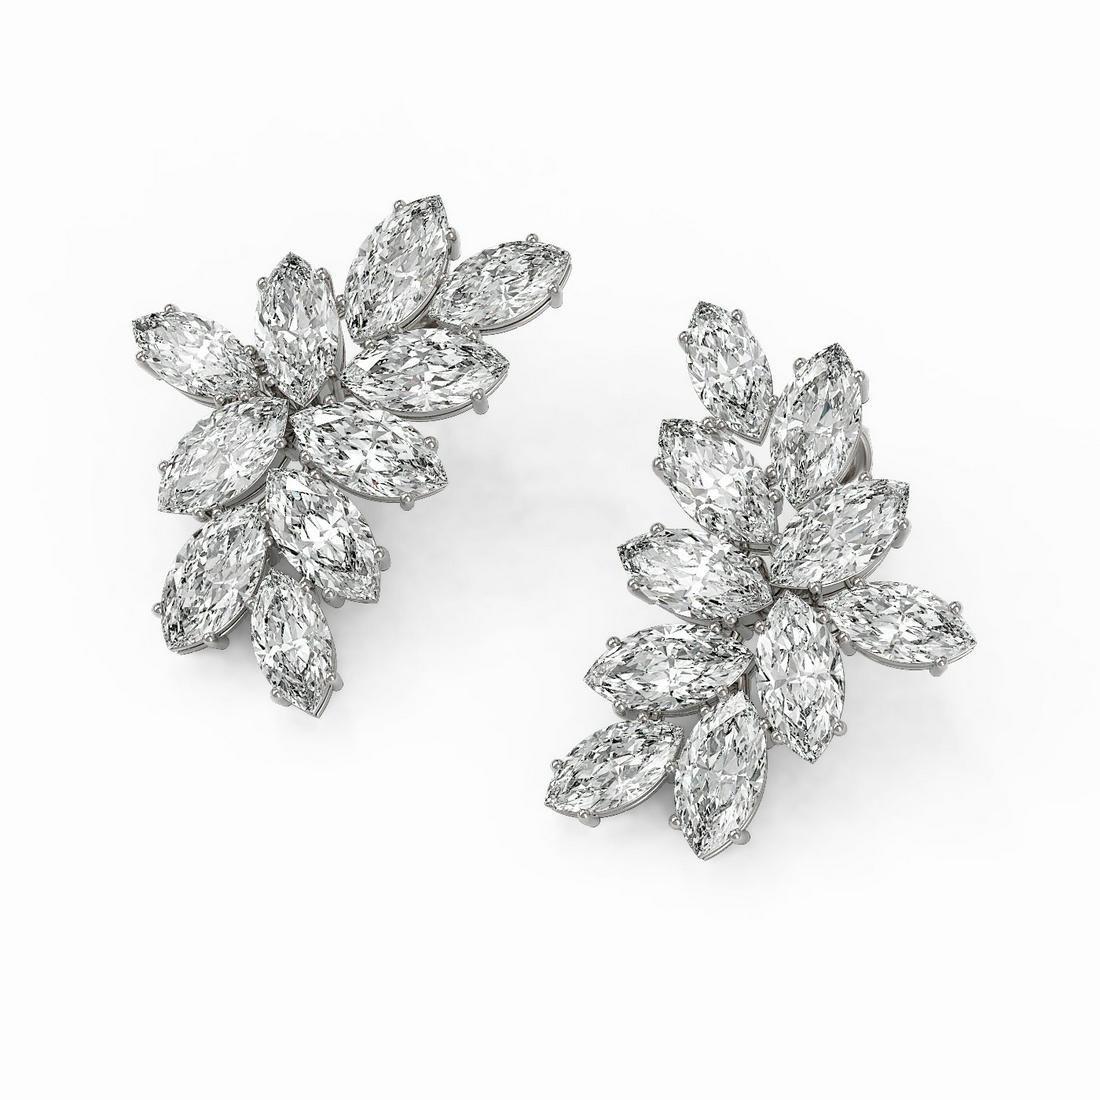 14 ctw Marquise Cut Diamond Designer Earrings 18K White